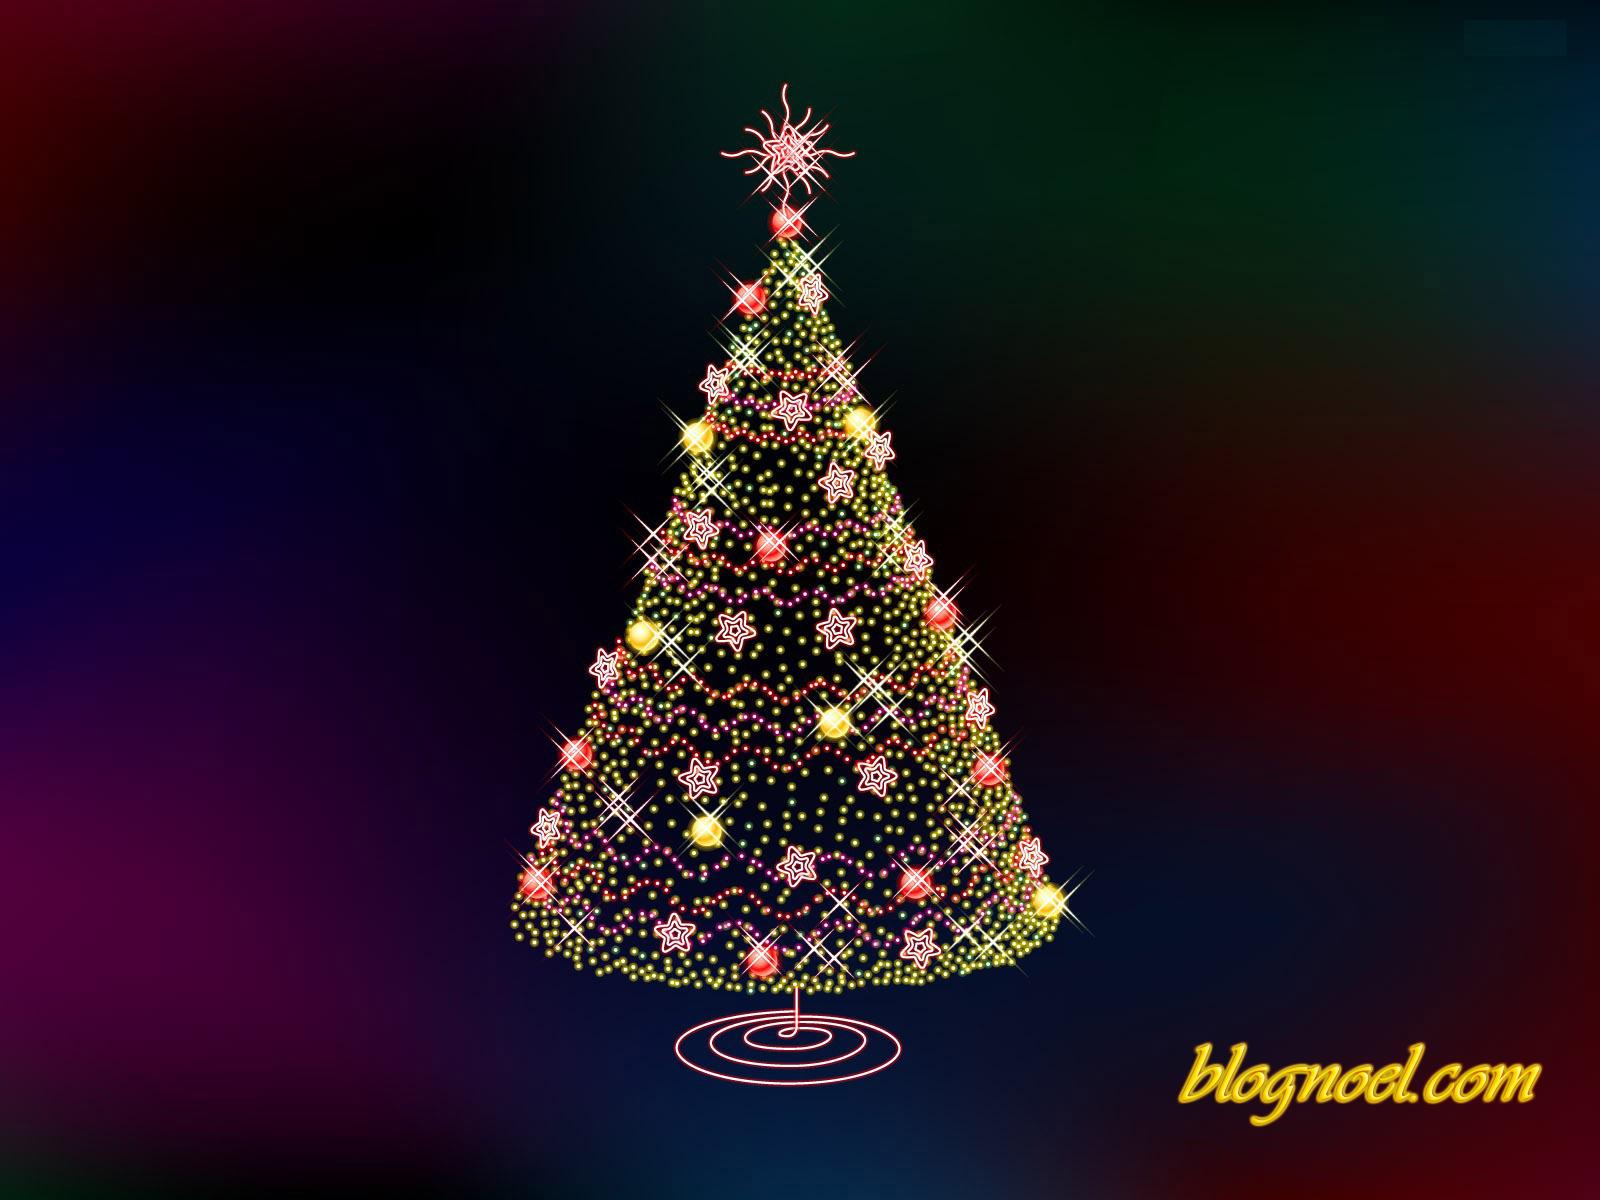 fond ecran noel sapin   Fête de Noël – images, musique et vidéo